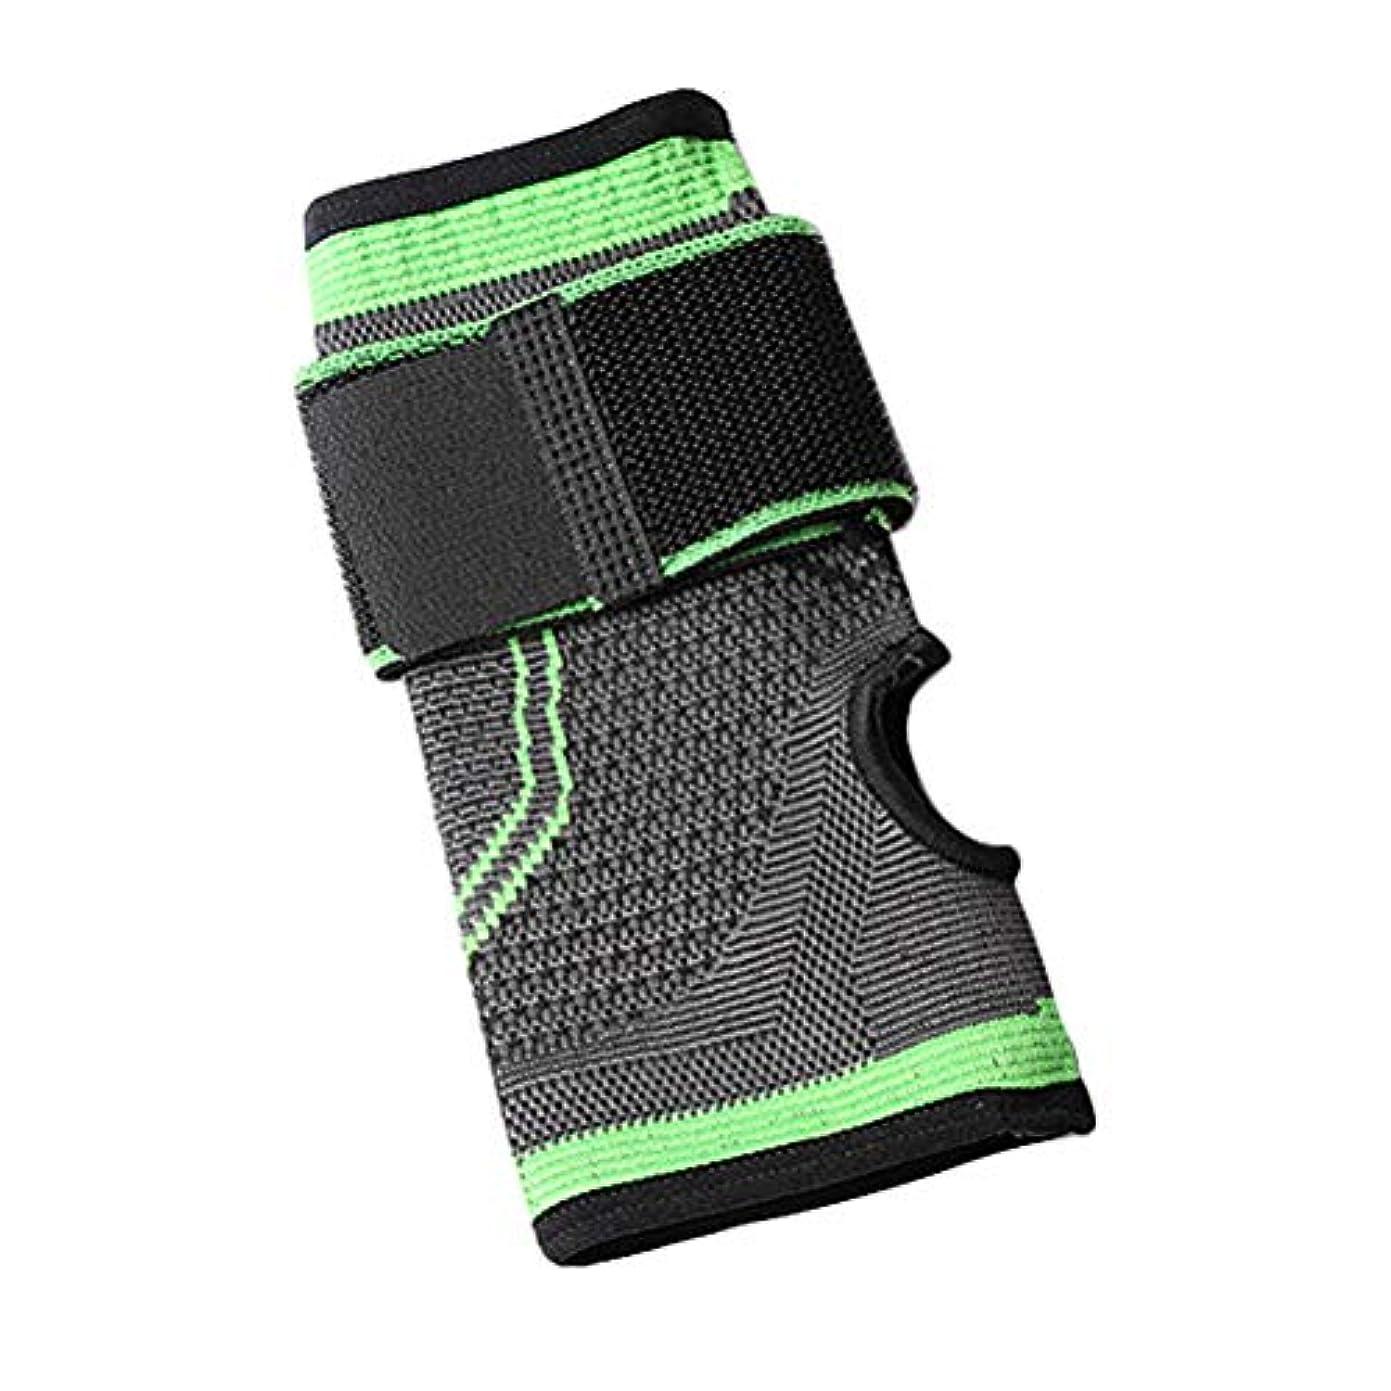 プレビスサイト含む熱望するHealifty 捻挫のためのHealifty手首サポートブレース手根管副木疼痛緩和関節炎